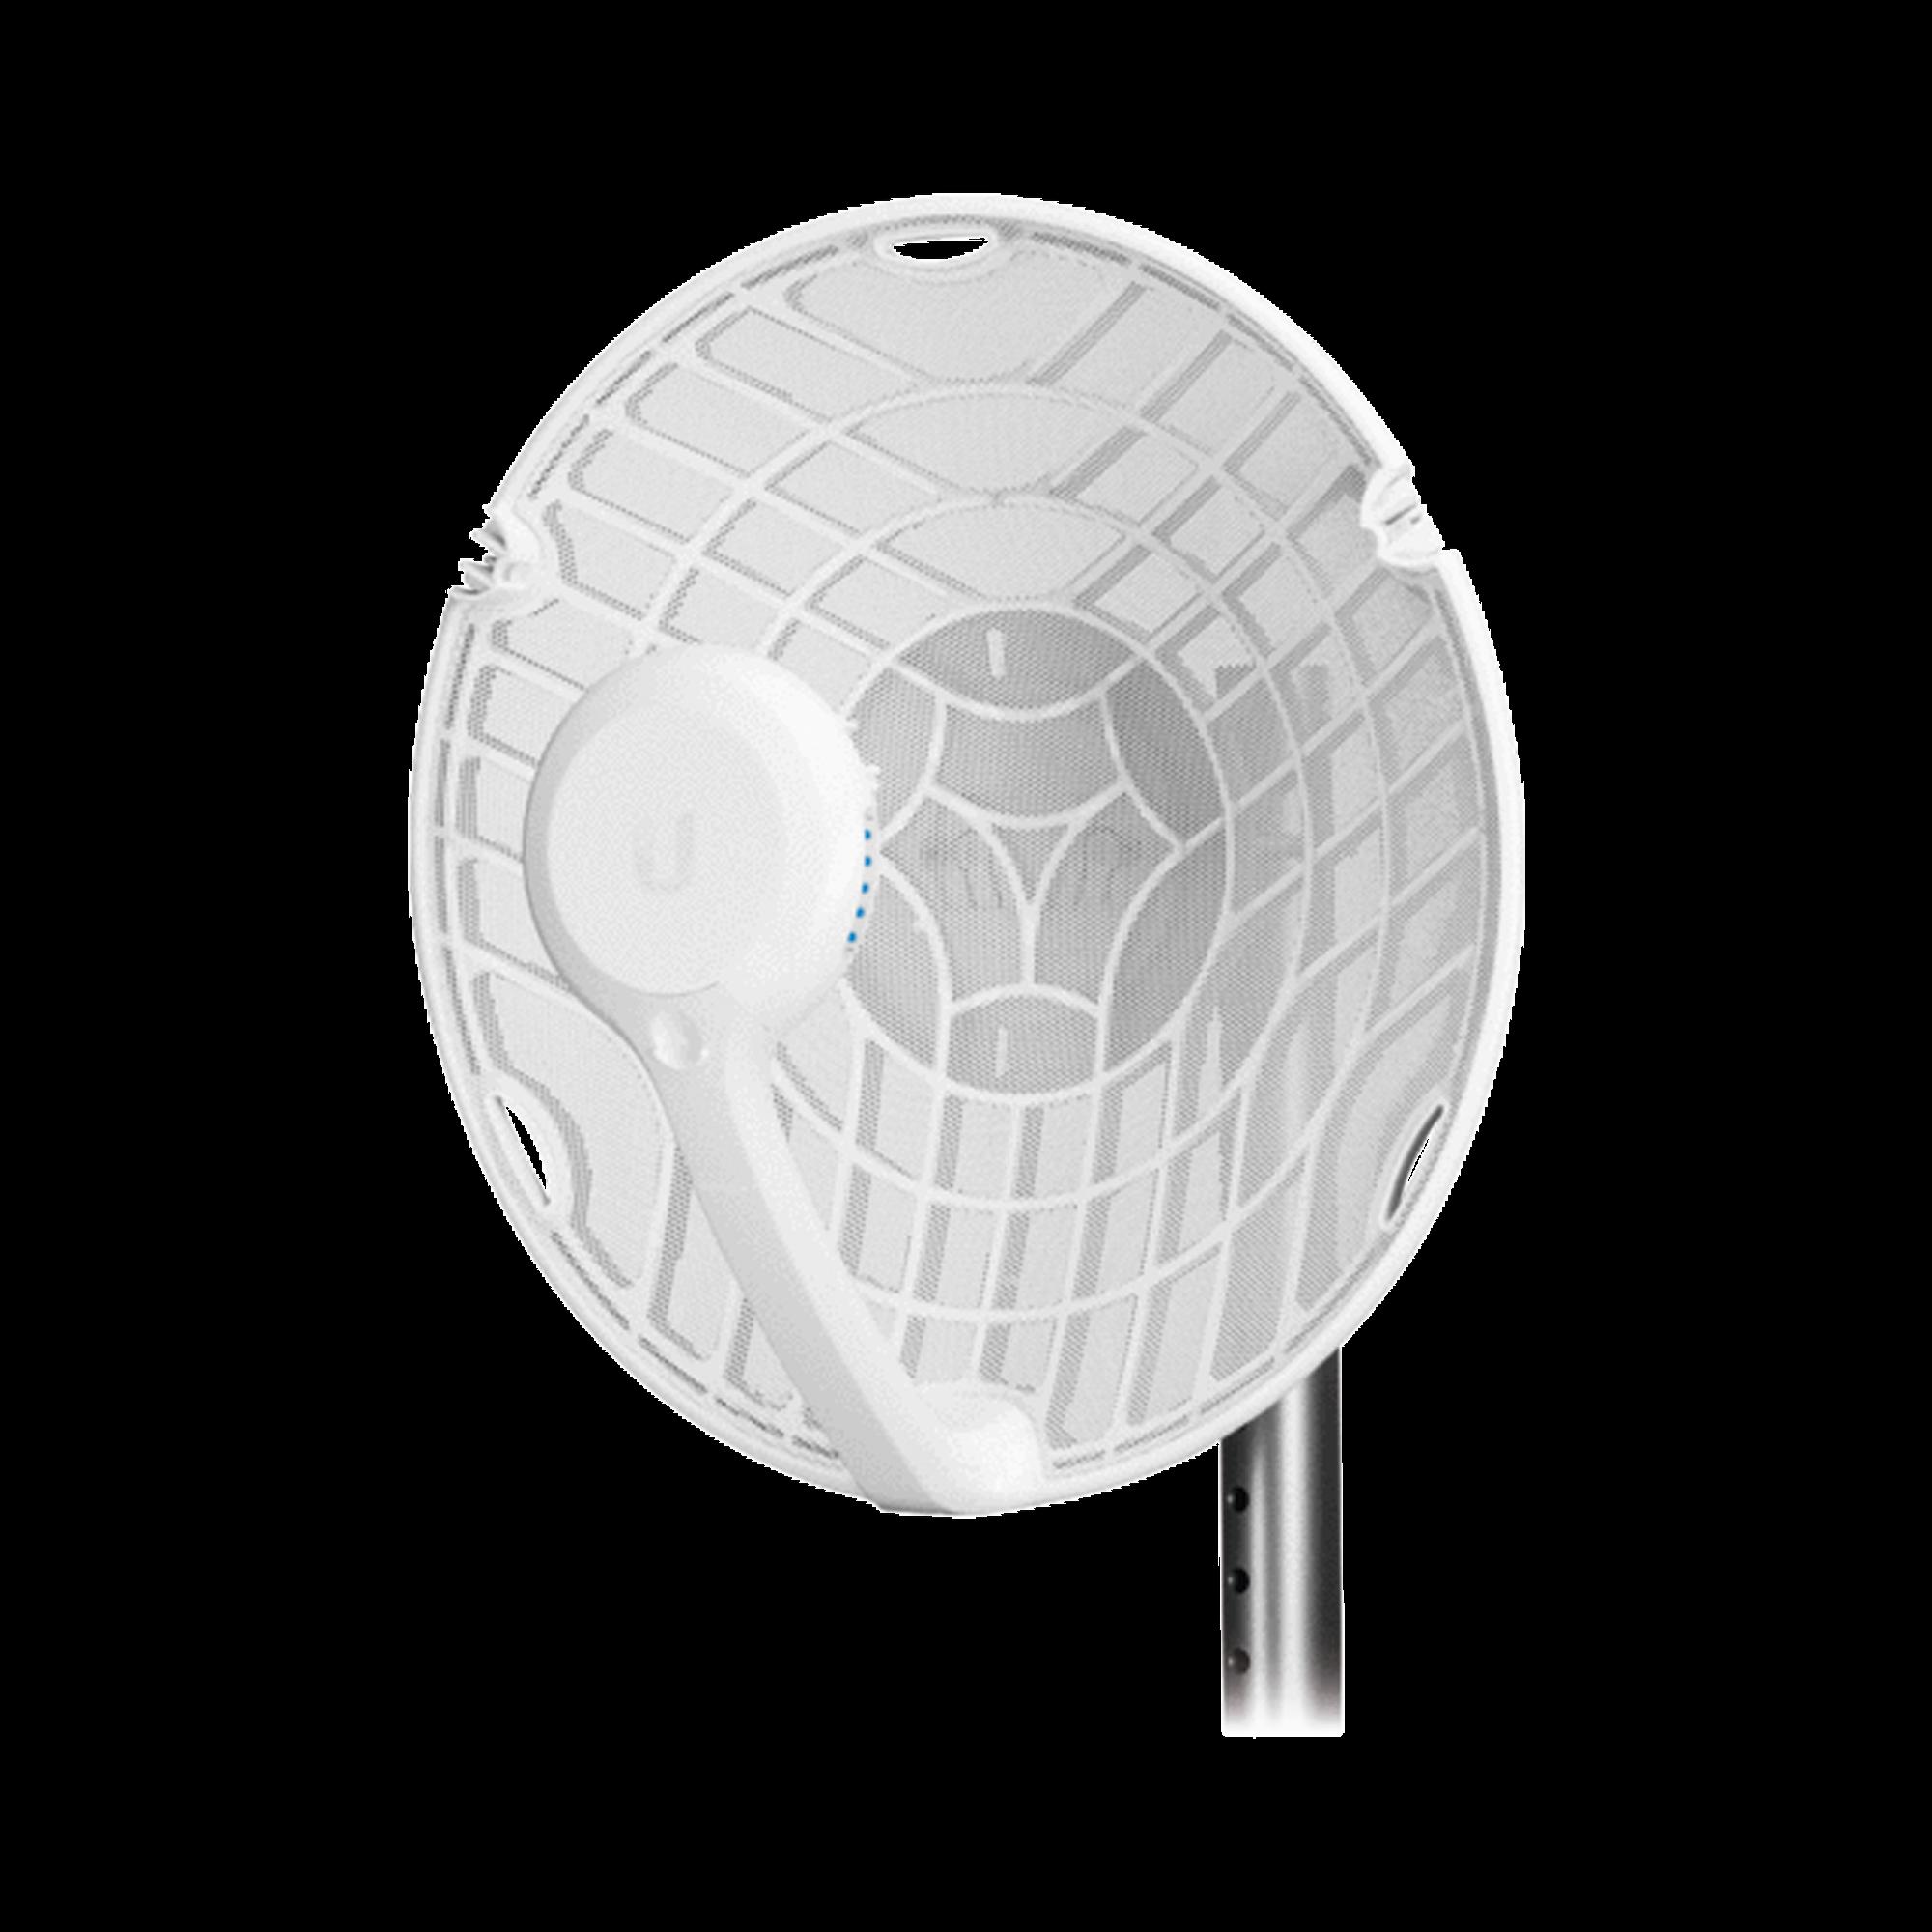 Radio de Backhaul de alta capacidad, tecnología airFiber hasta 1 Gbps, 60 GHz con failover en 5 GHz, con antena integrada de 38 dBi y 11 dBi respectivamente